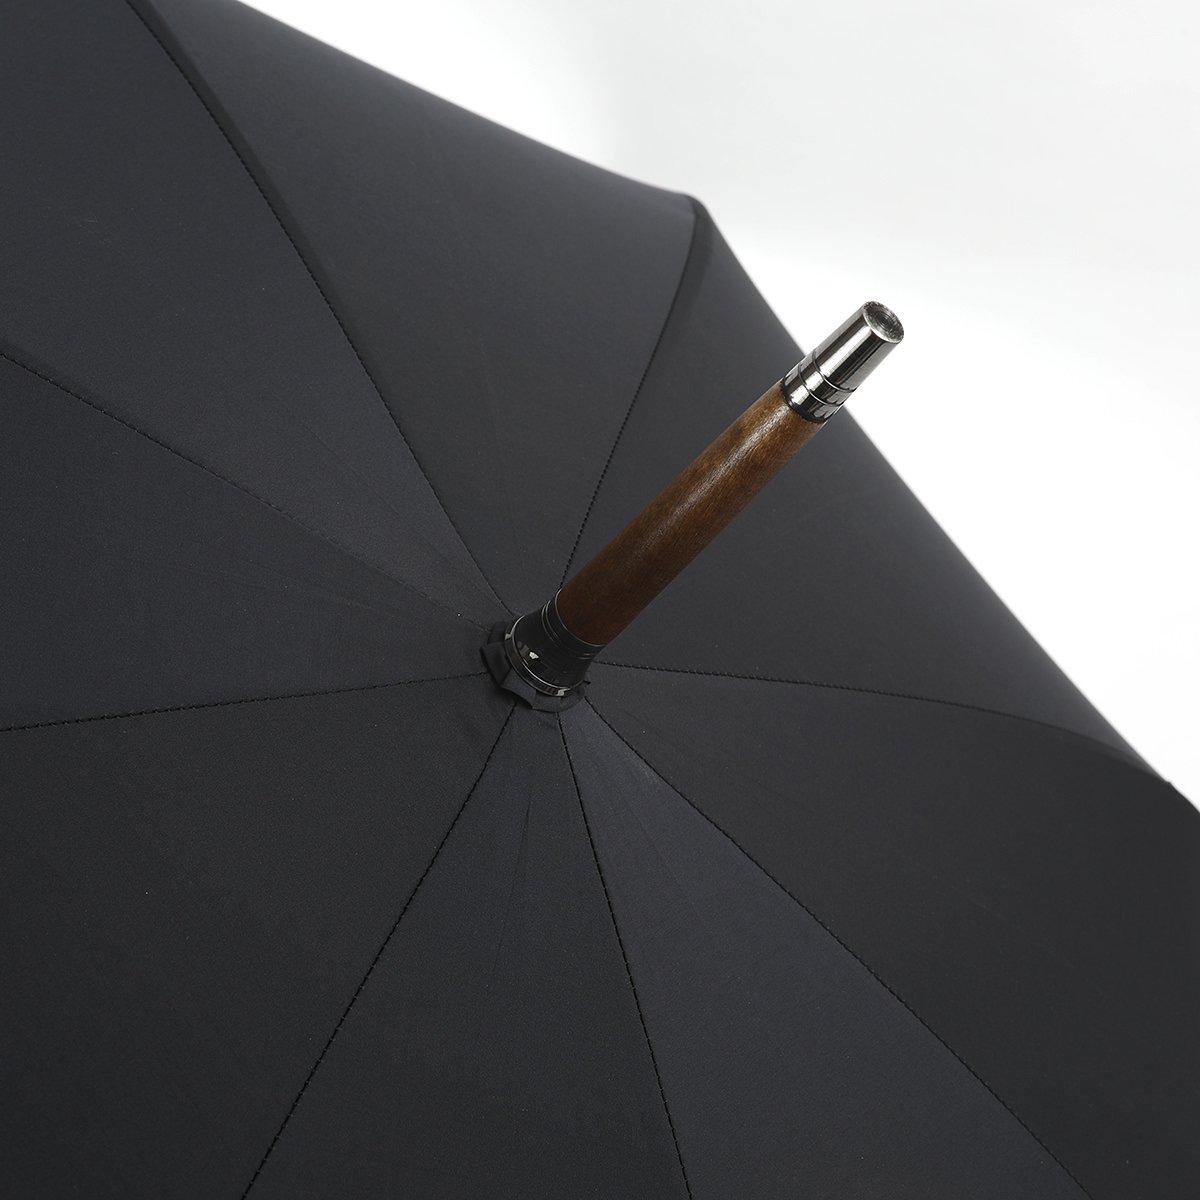 太鼓傘 - 鉄芯 詳細画像12